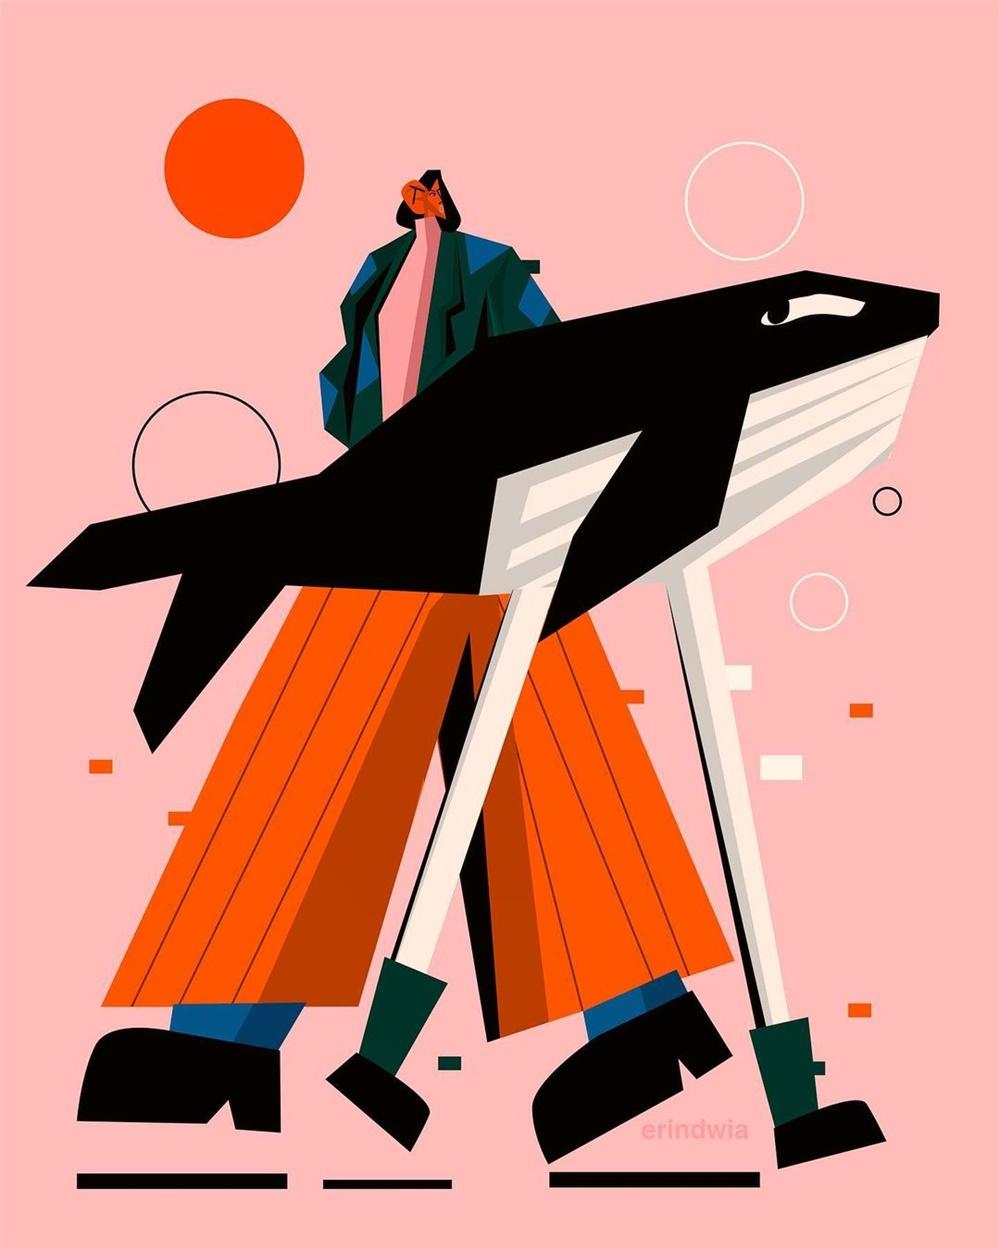 20款几何图形组成的人物插画设计